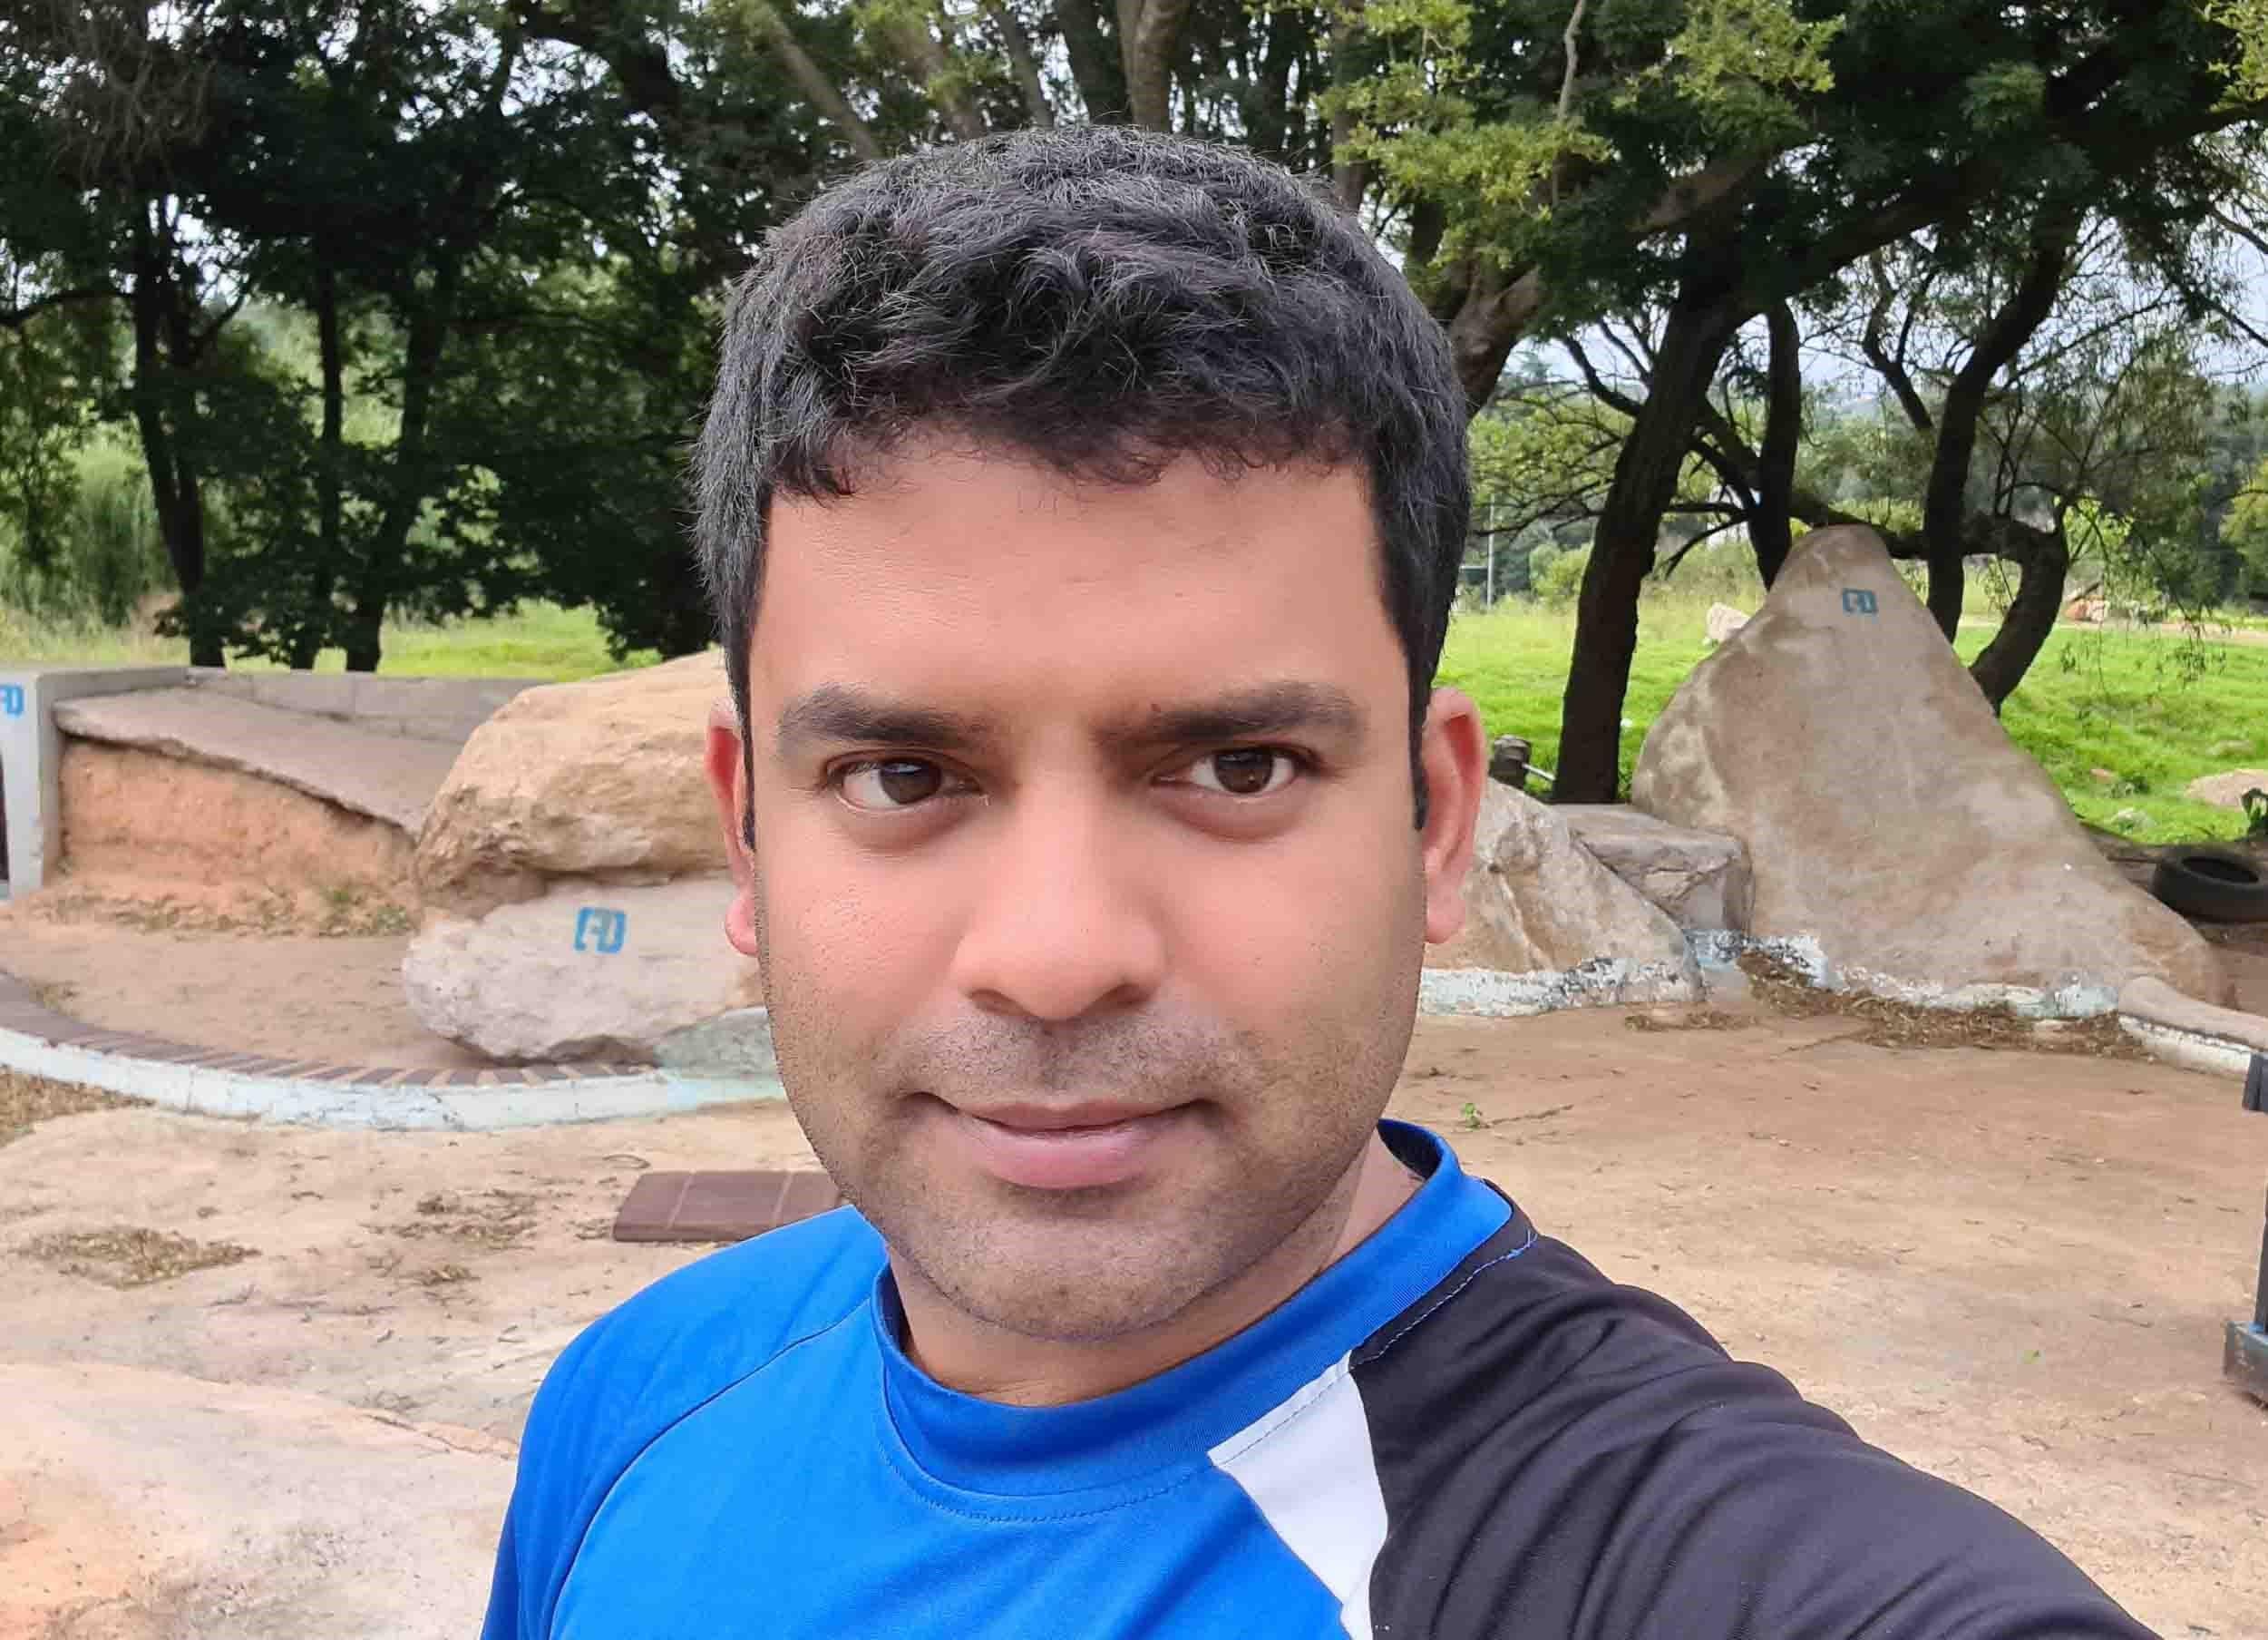 Sreenath Punathil